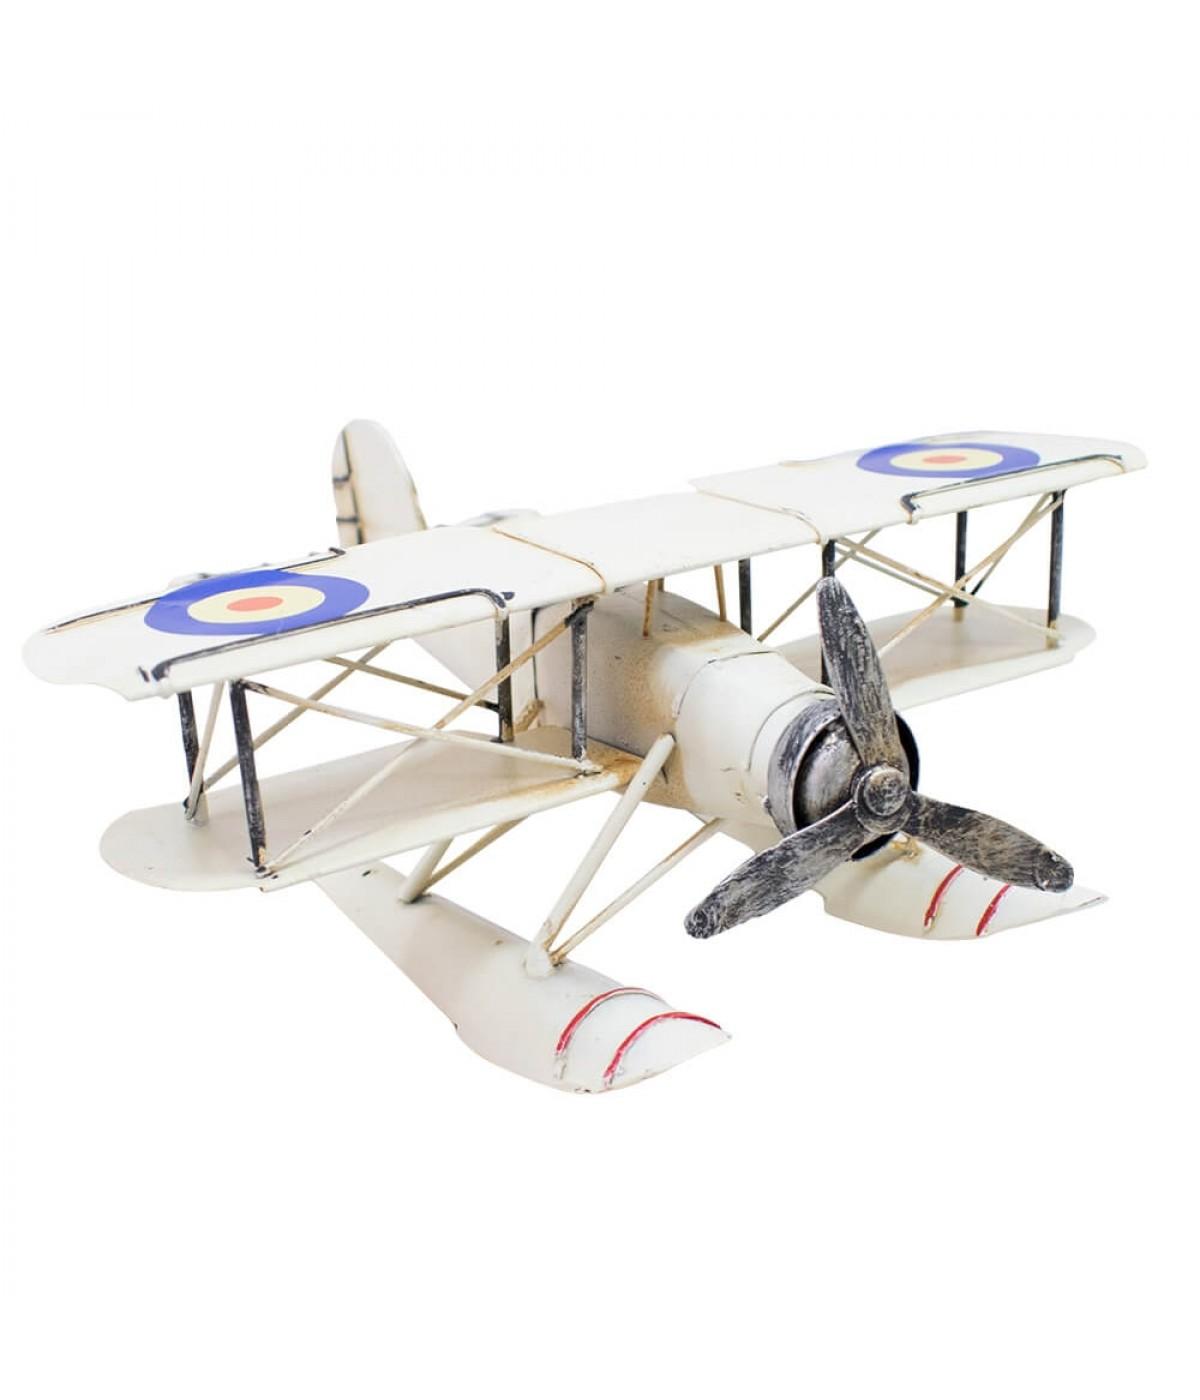 Avião Anfíbio Branco De Hélice 22.5cm Retrô - Vintage